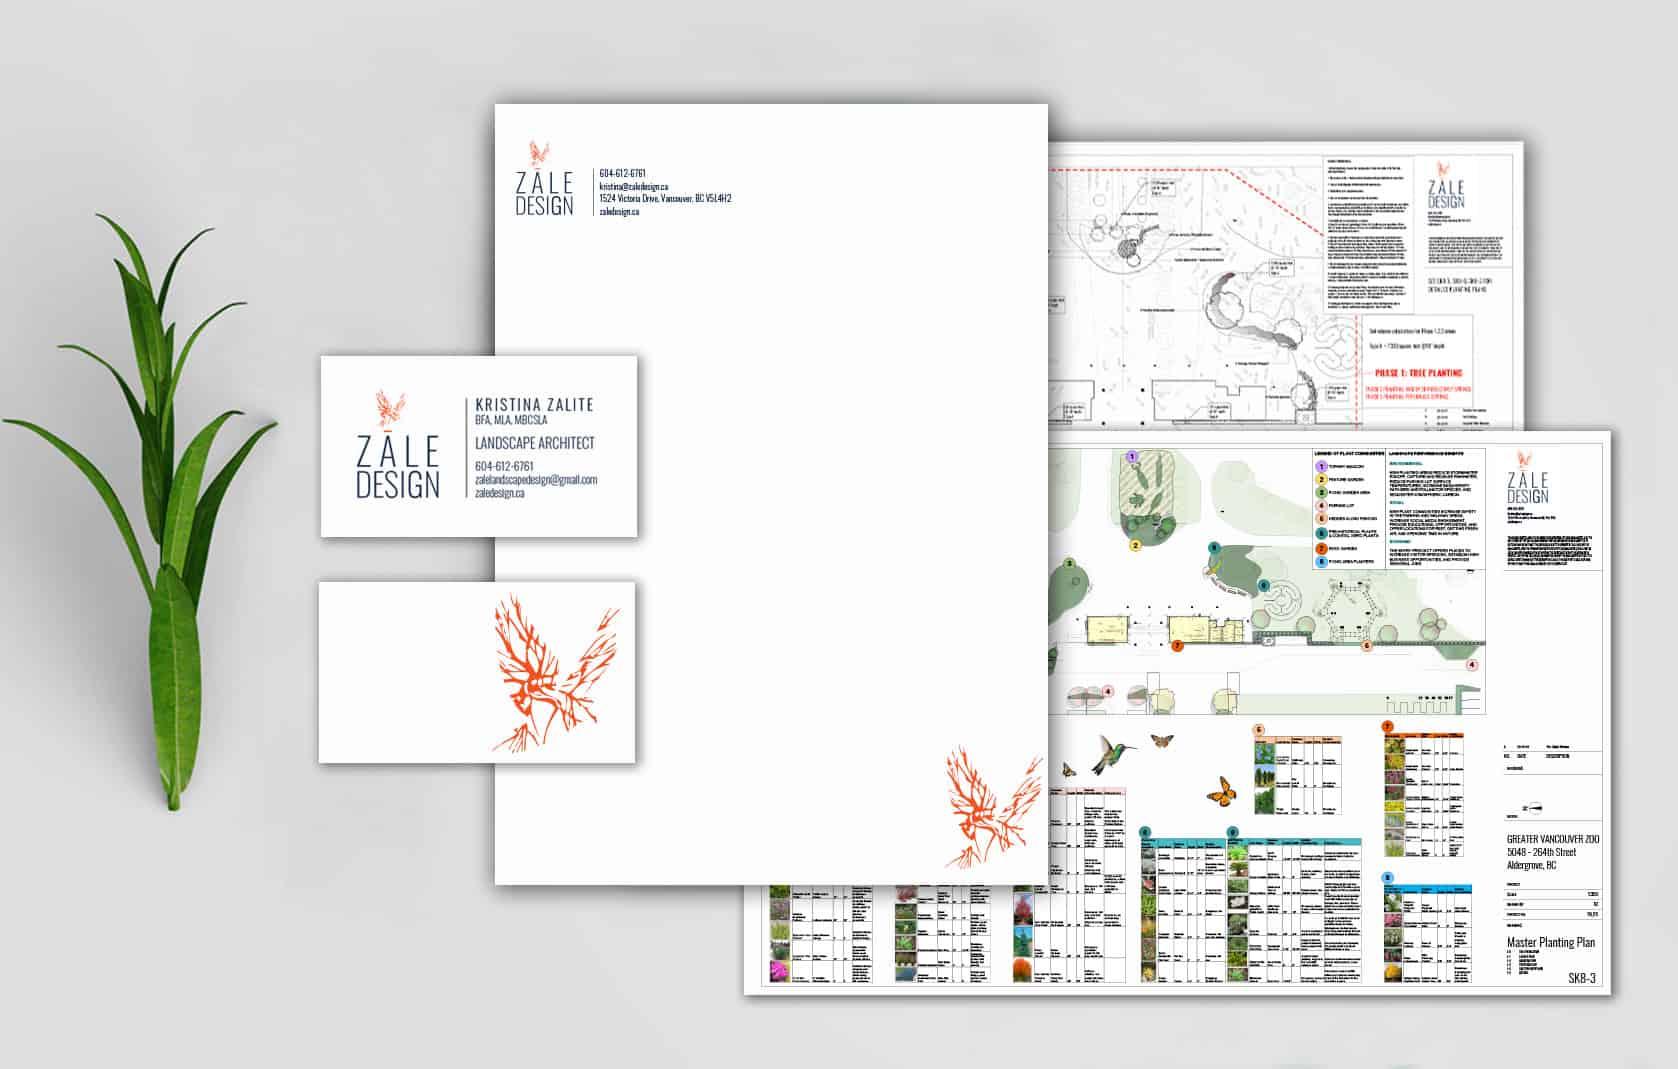 Zale Design stationery